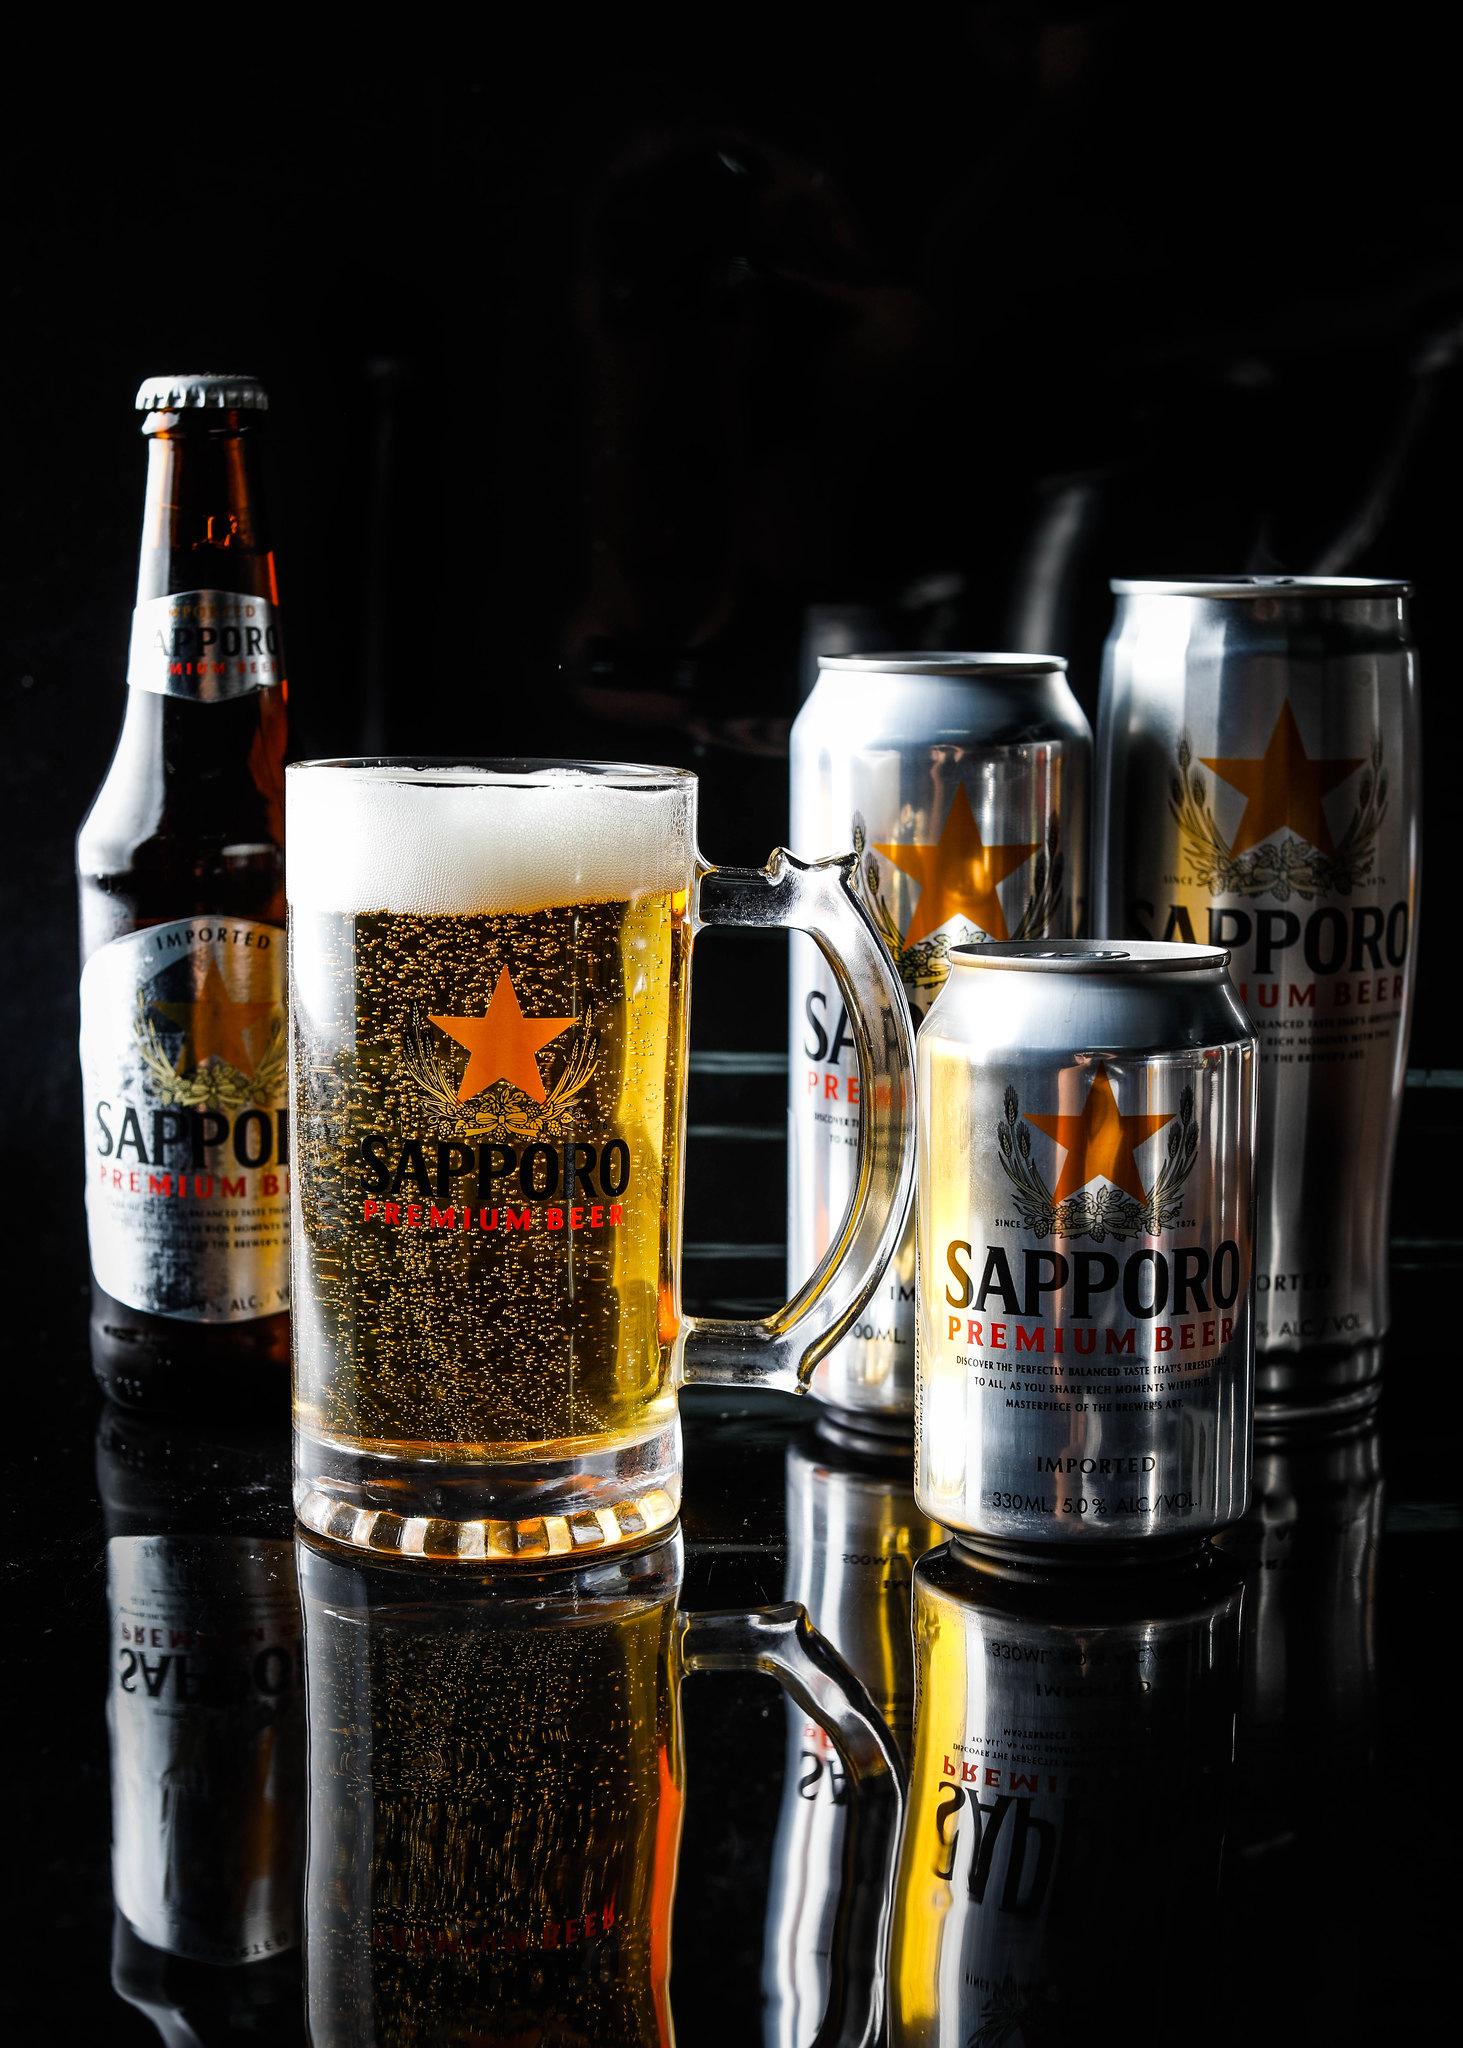 札幌什锦高级啤酒2